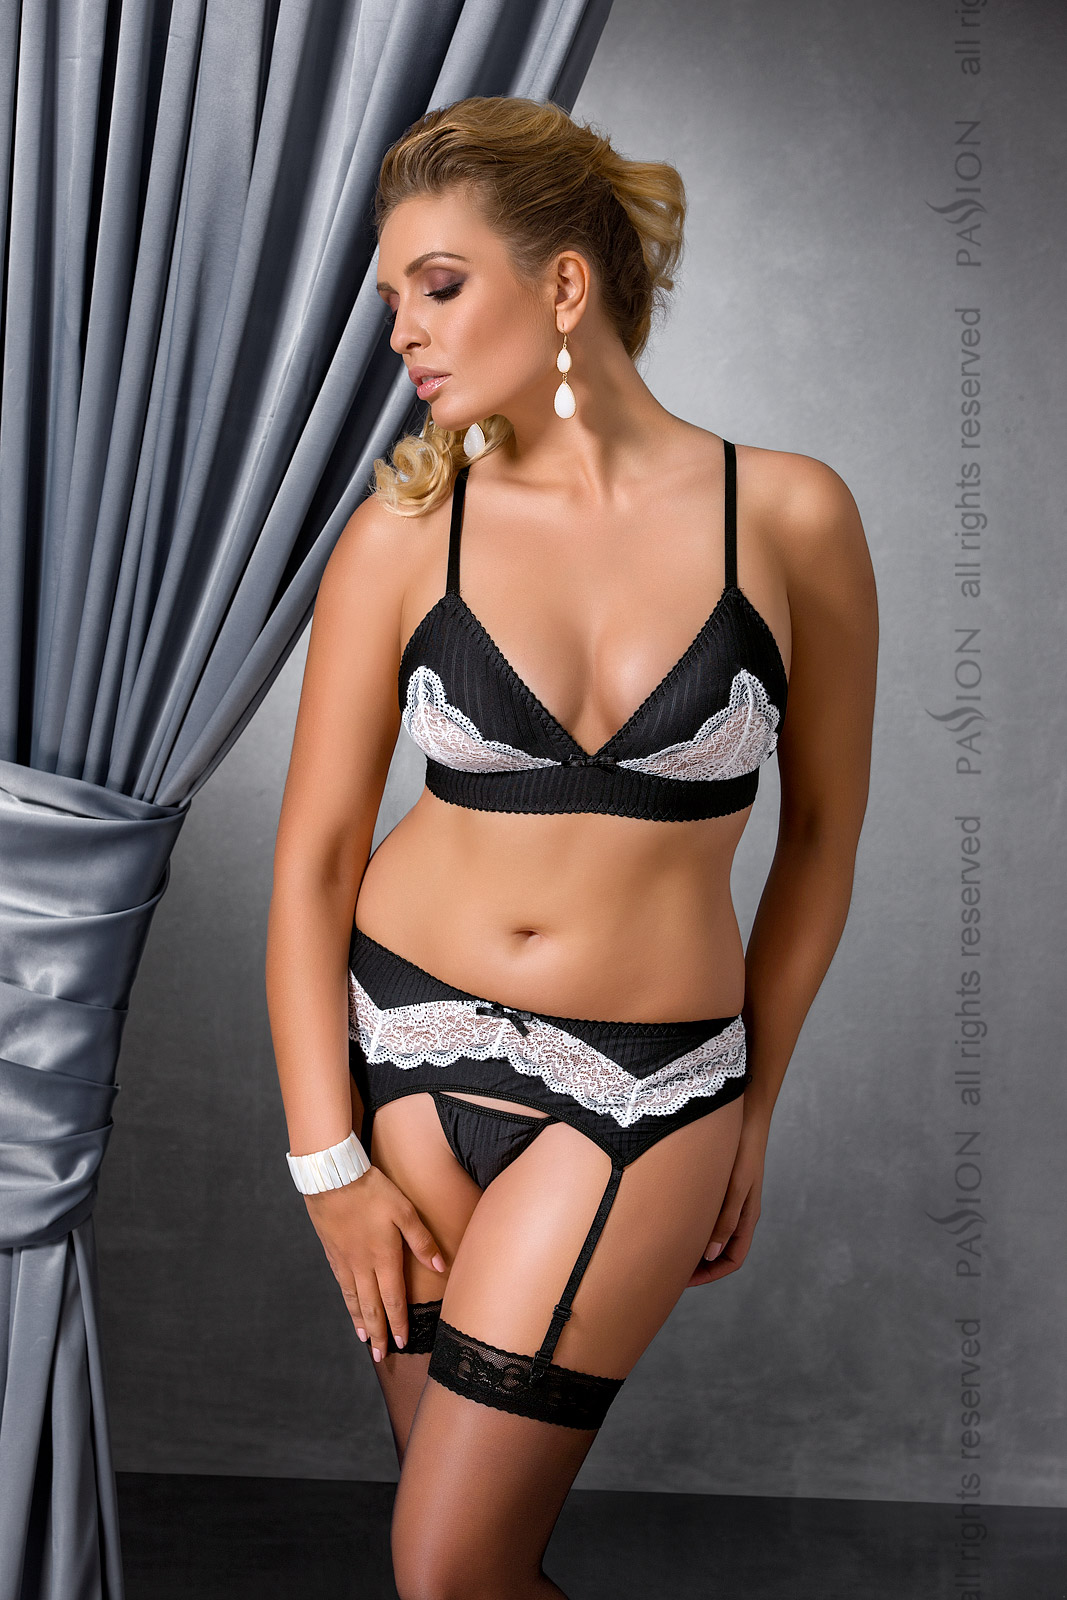 Женский сексуальный комплект Passion CAMILLE SET, черный, 6XL/7XL